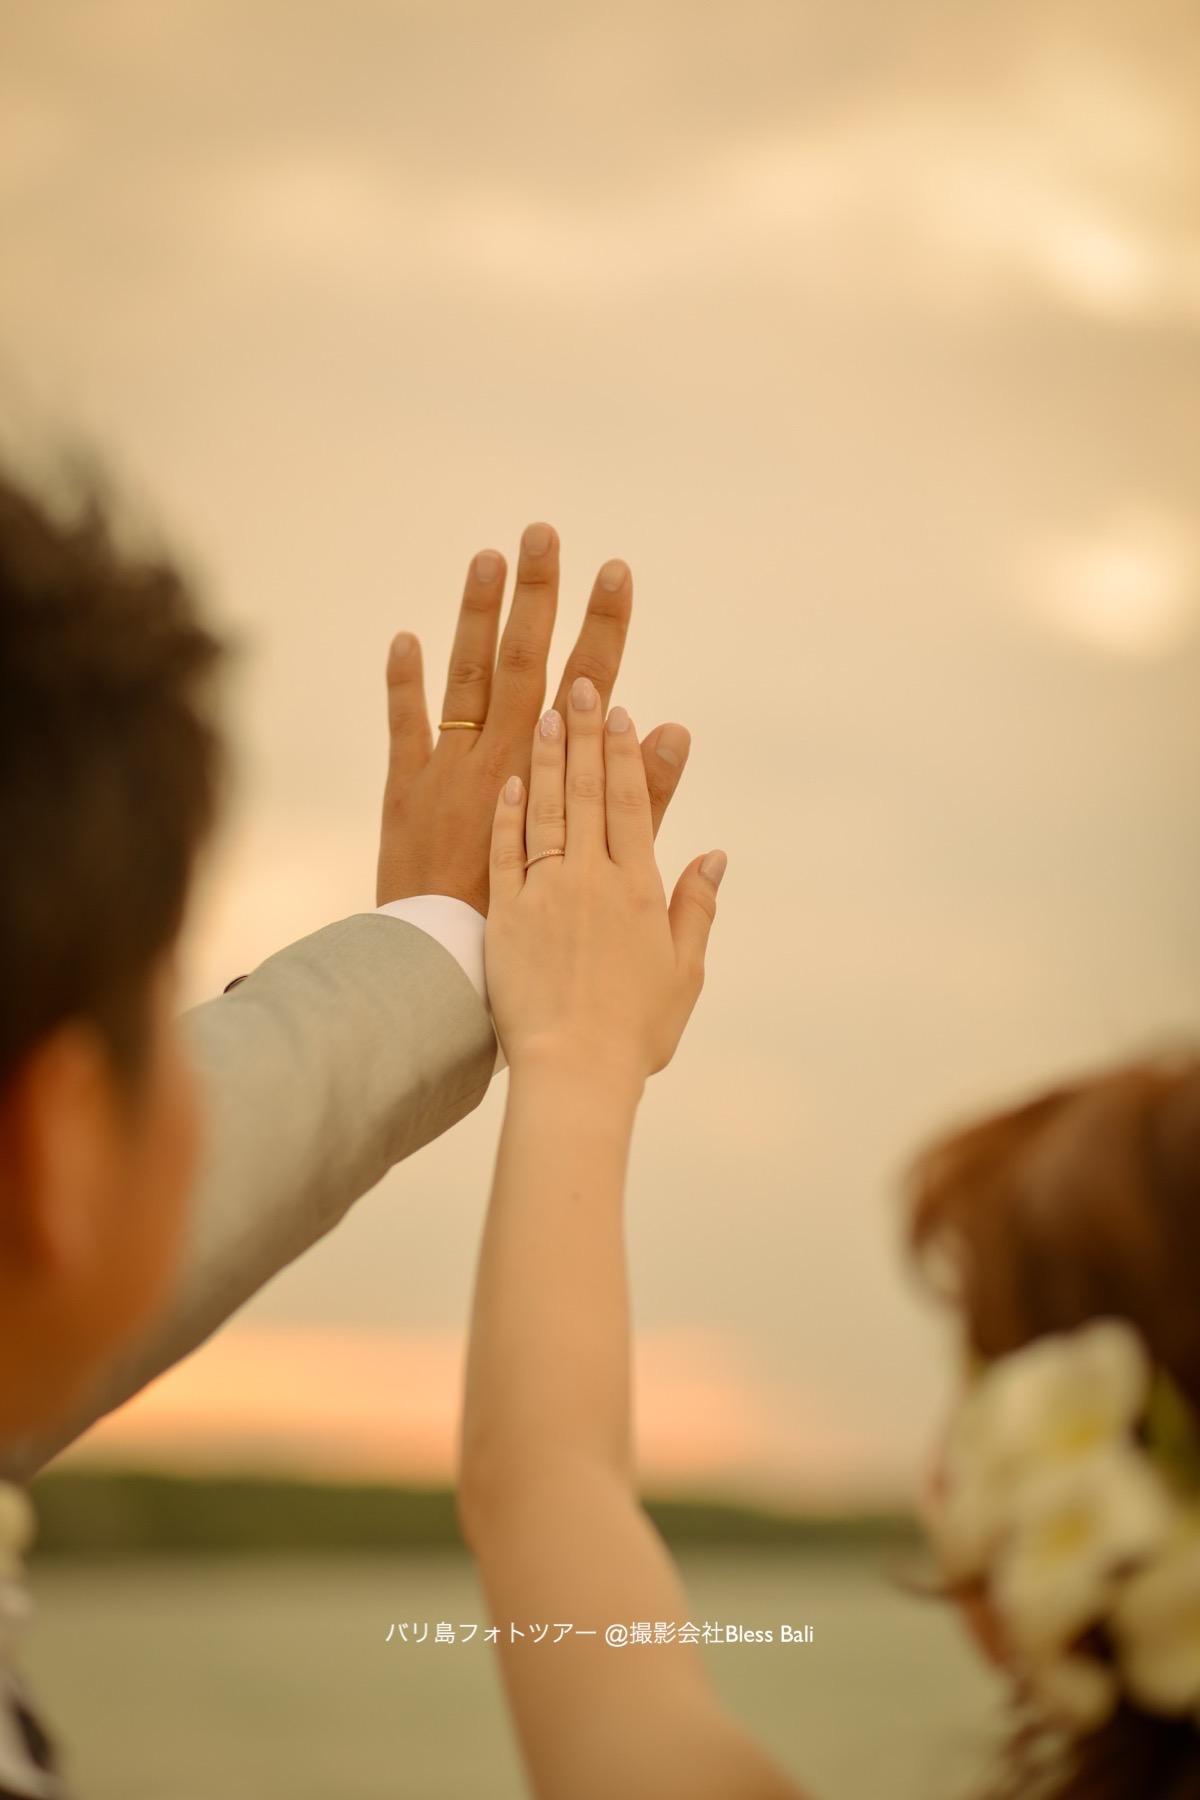 大切な結婚指輪を空に掲げて